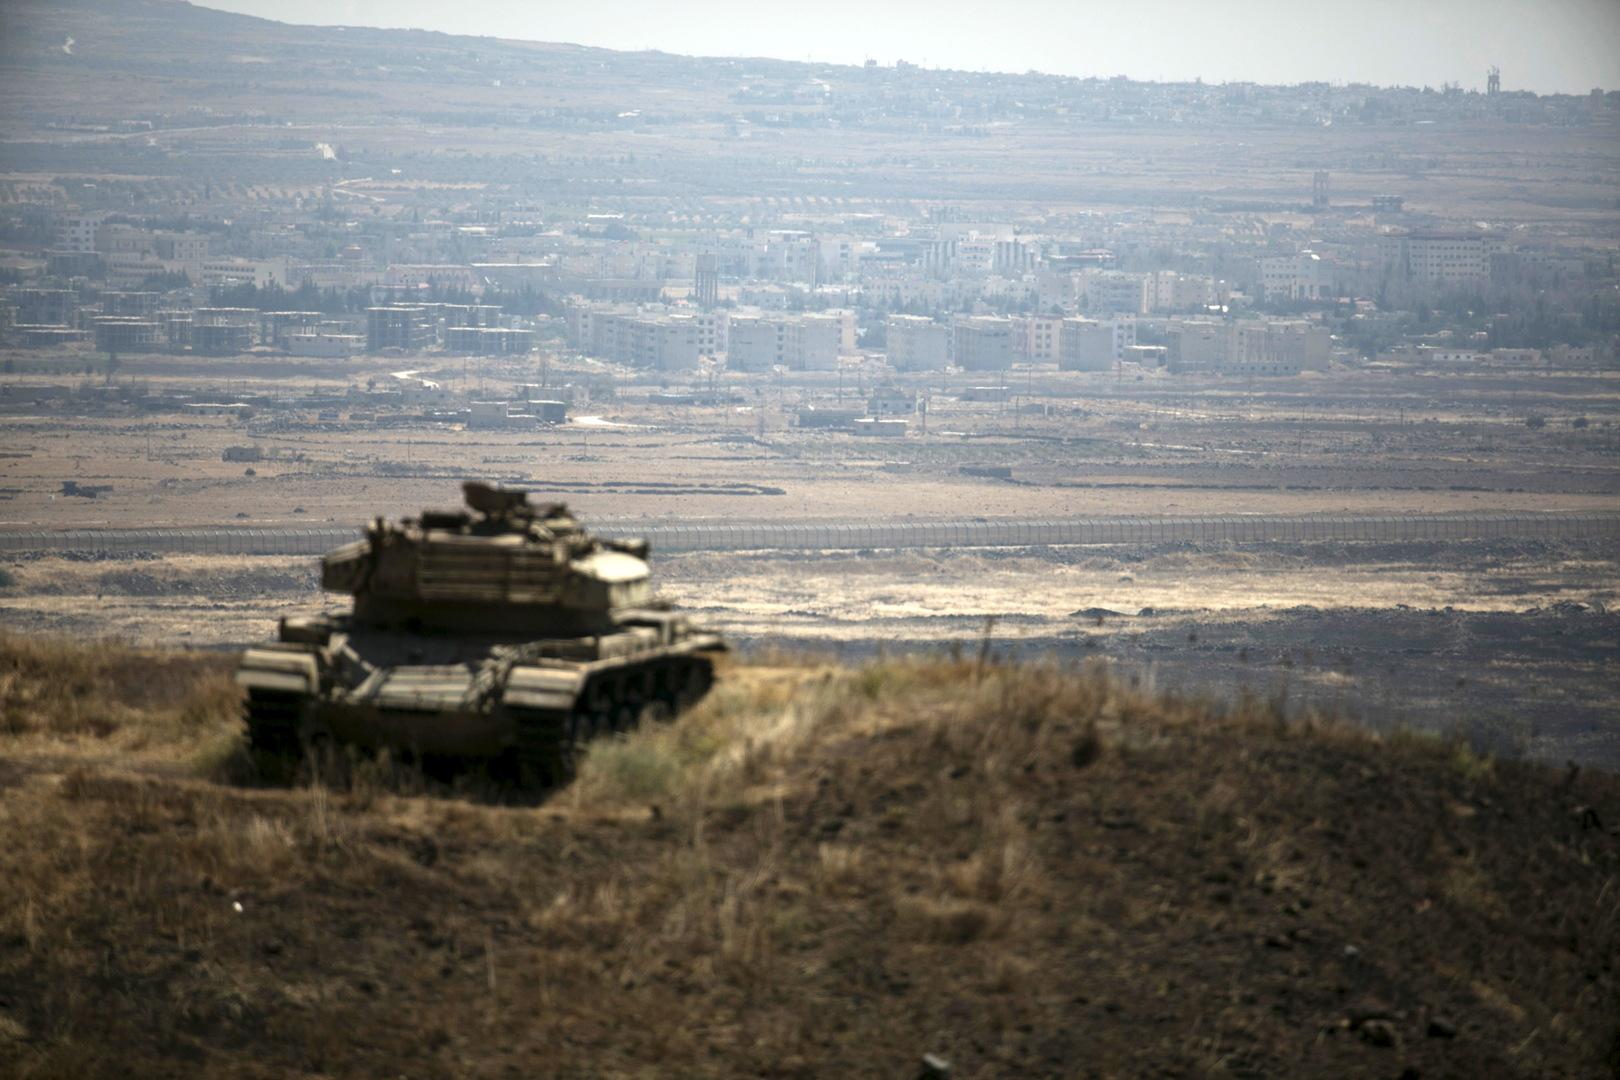 الجيش الإسرائيلي: التعاون مع روسيا بشأن سوريا مستمر ولا نستخدم طائرات مدنية كغطاء